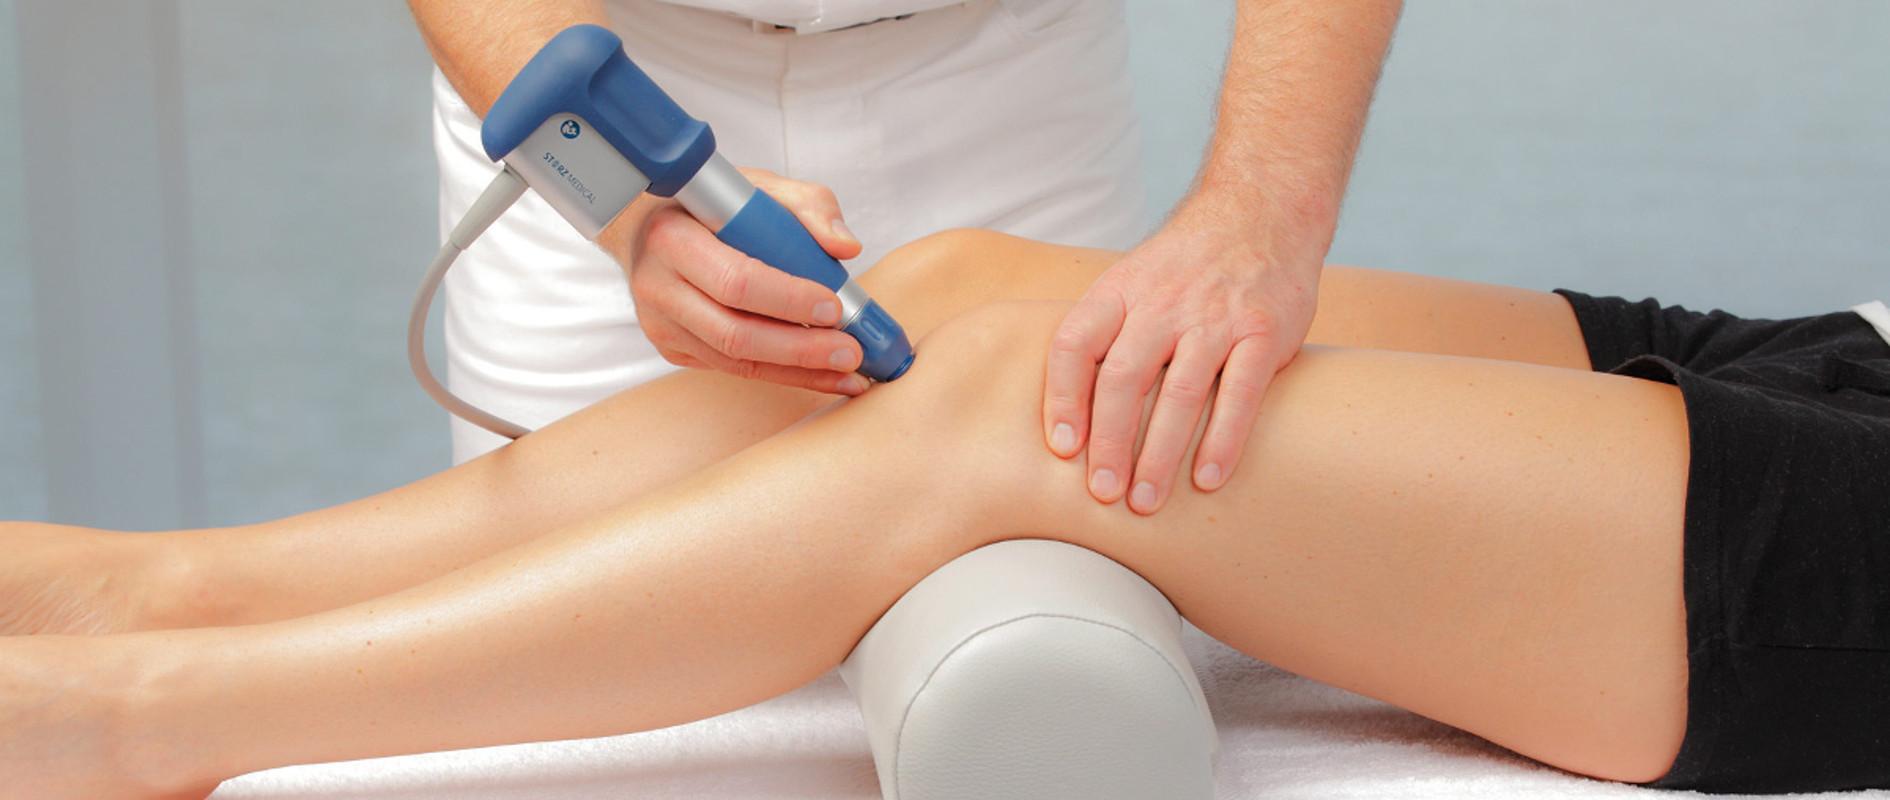 Лечение методом ударно-волновой терапии + консультация врача всего за 500 руб.